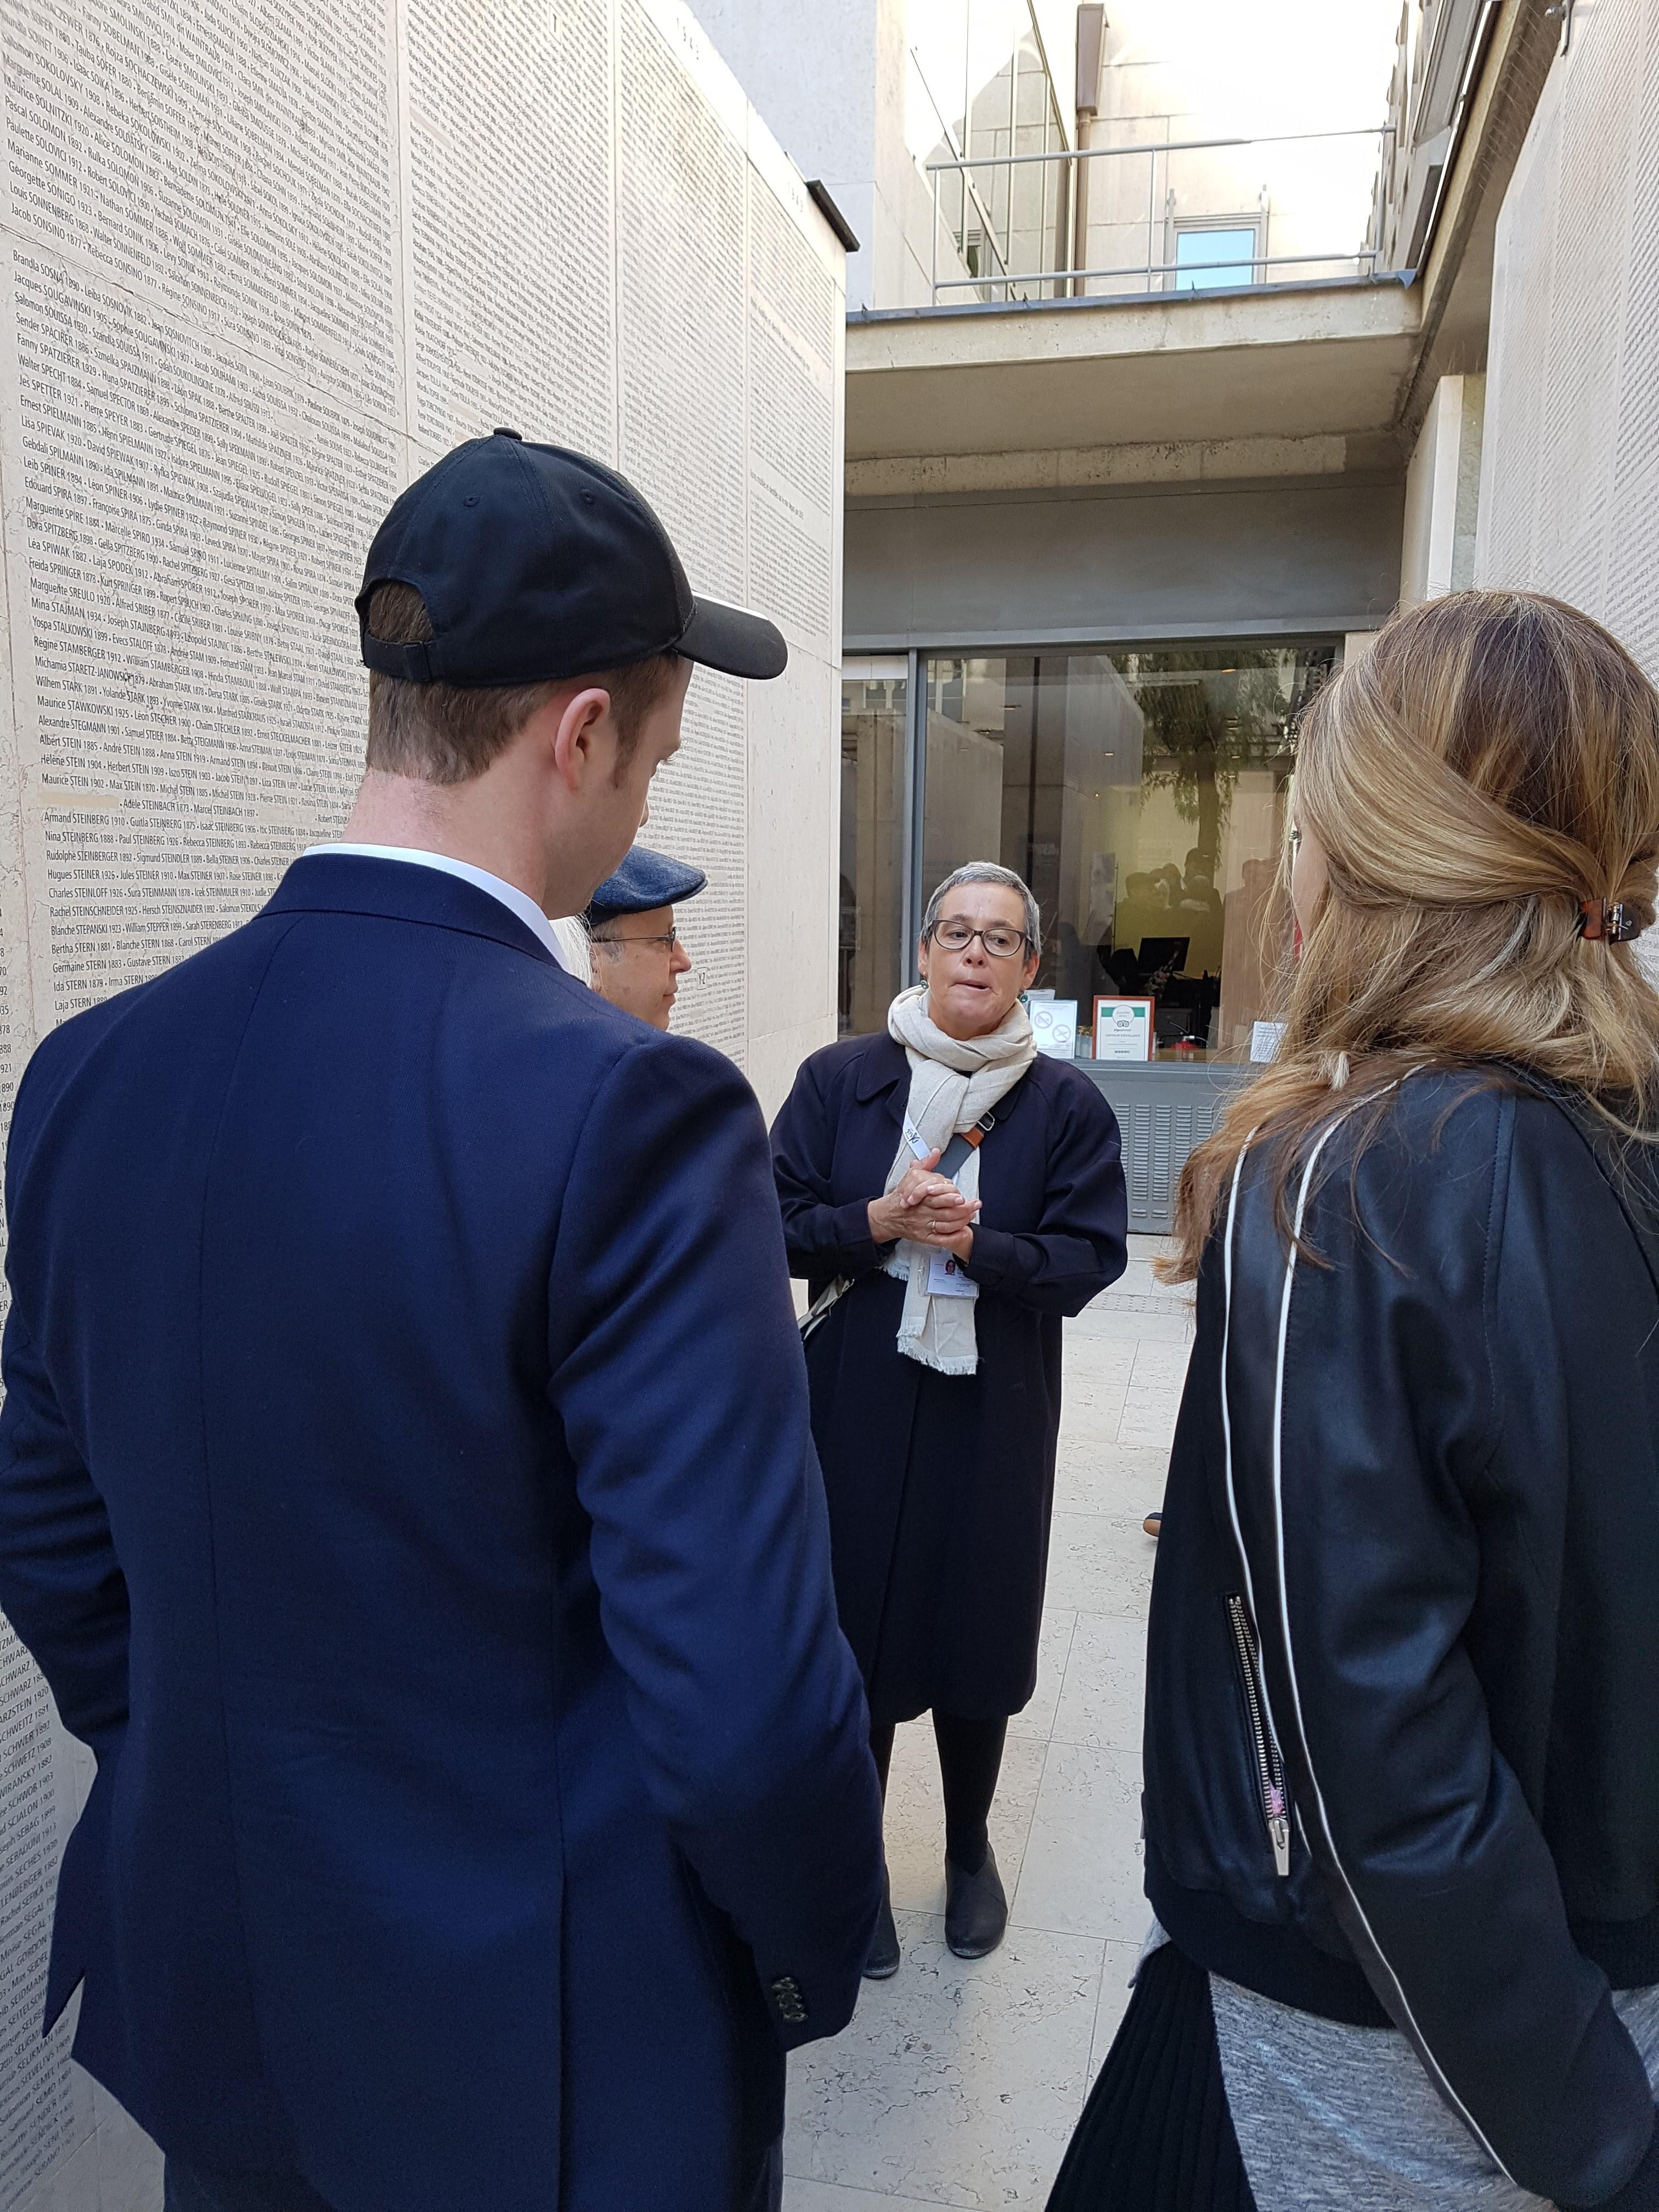 Léontine Cohen - during a Jewish Tour in Paris